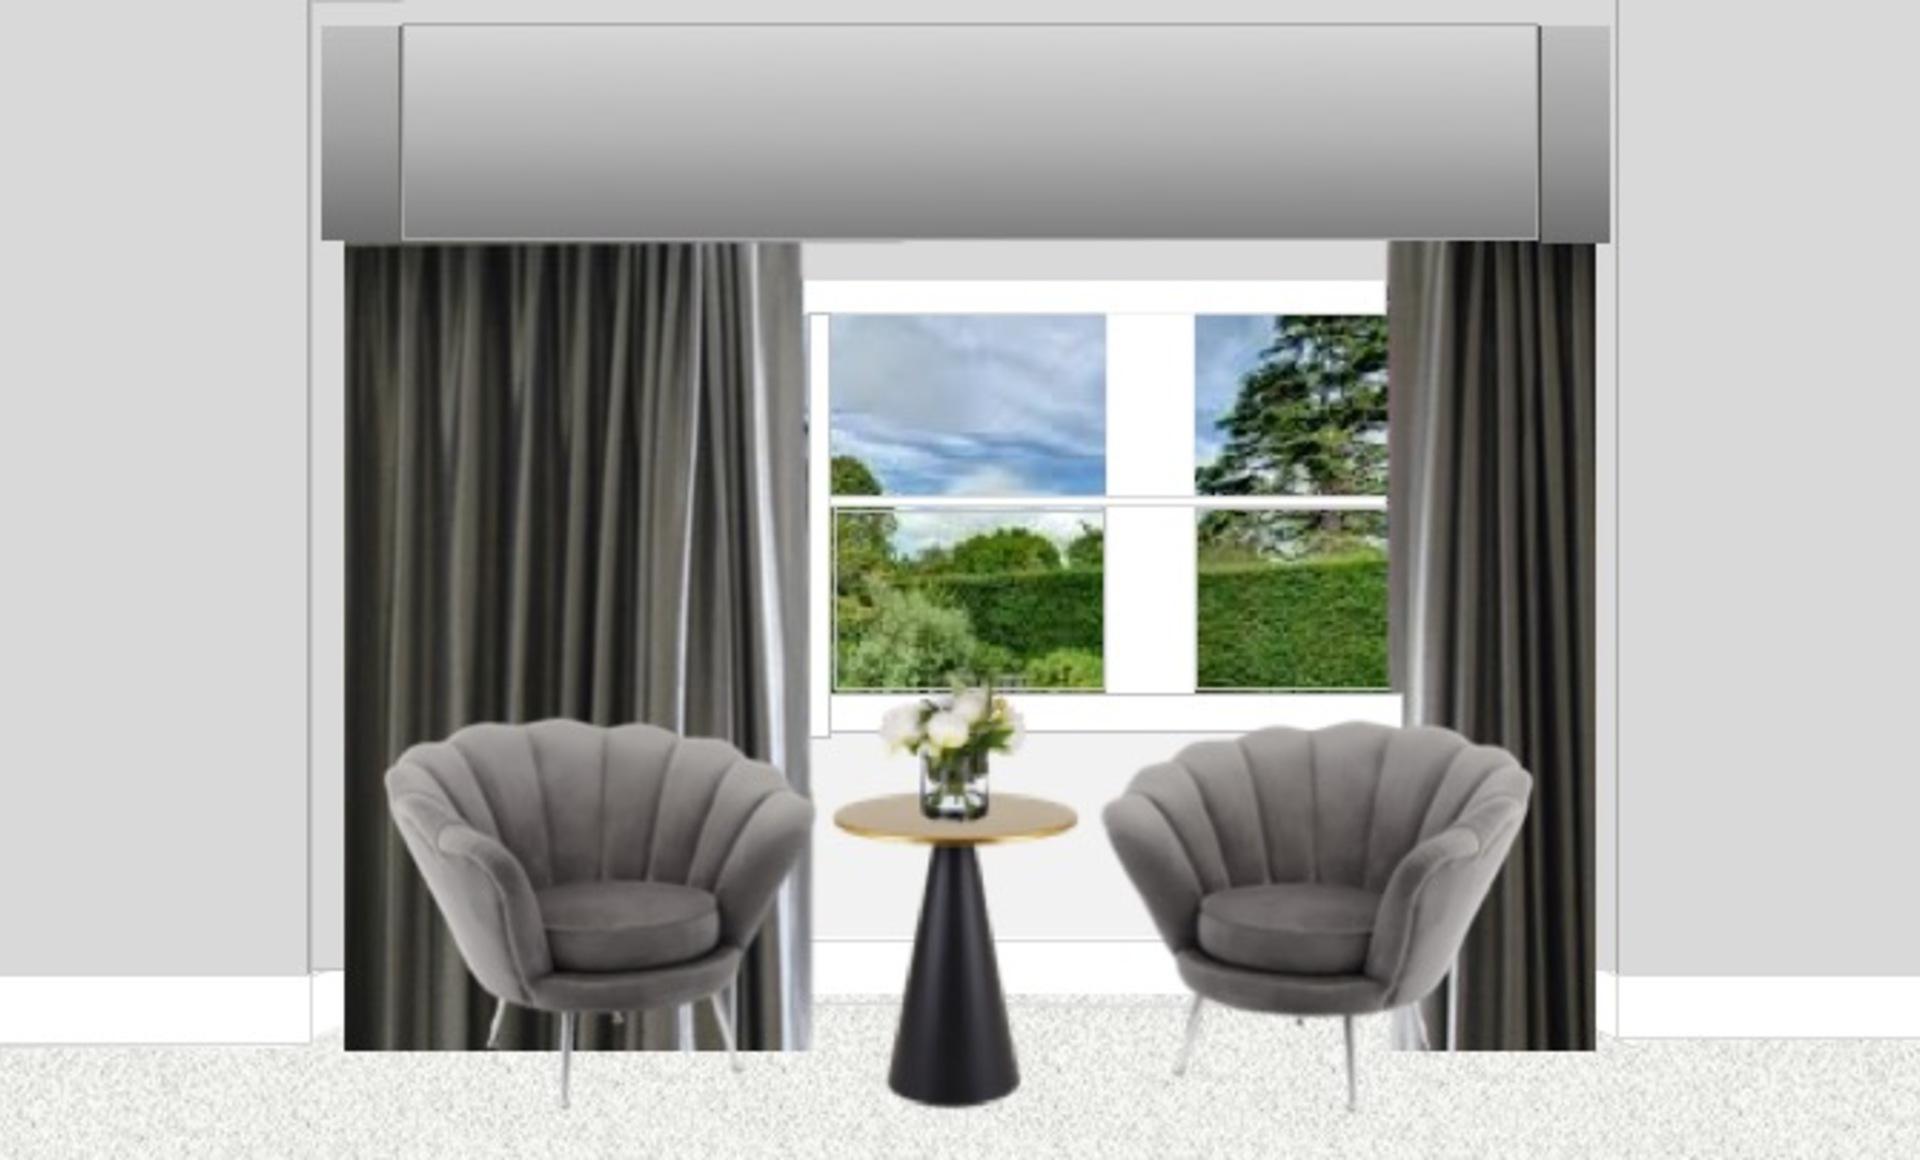 Mbr carolhanda guestbedroom02 2delevation02